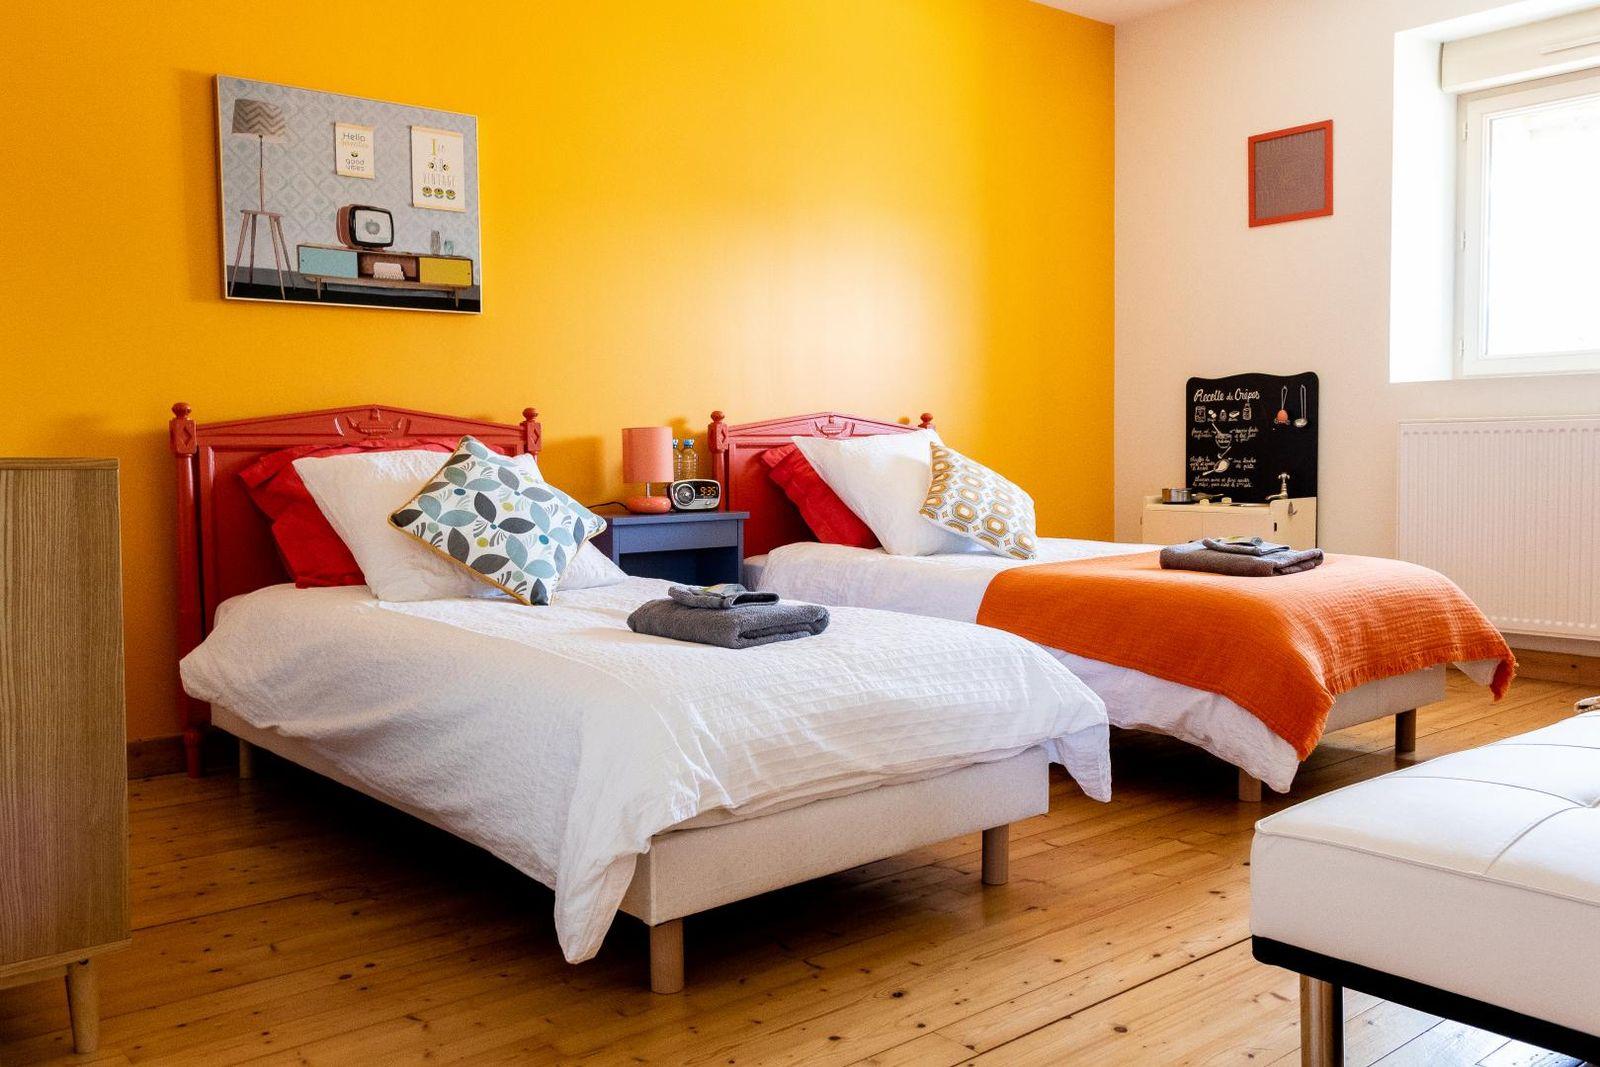 chambre 1 équipée de 2 lits simples et un canapé lit